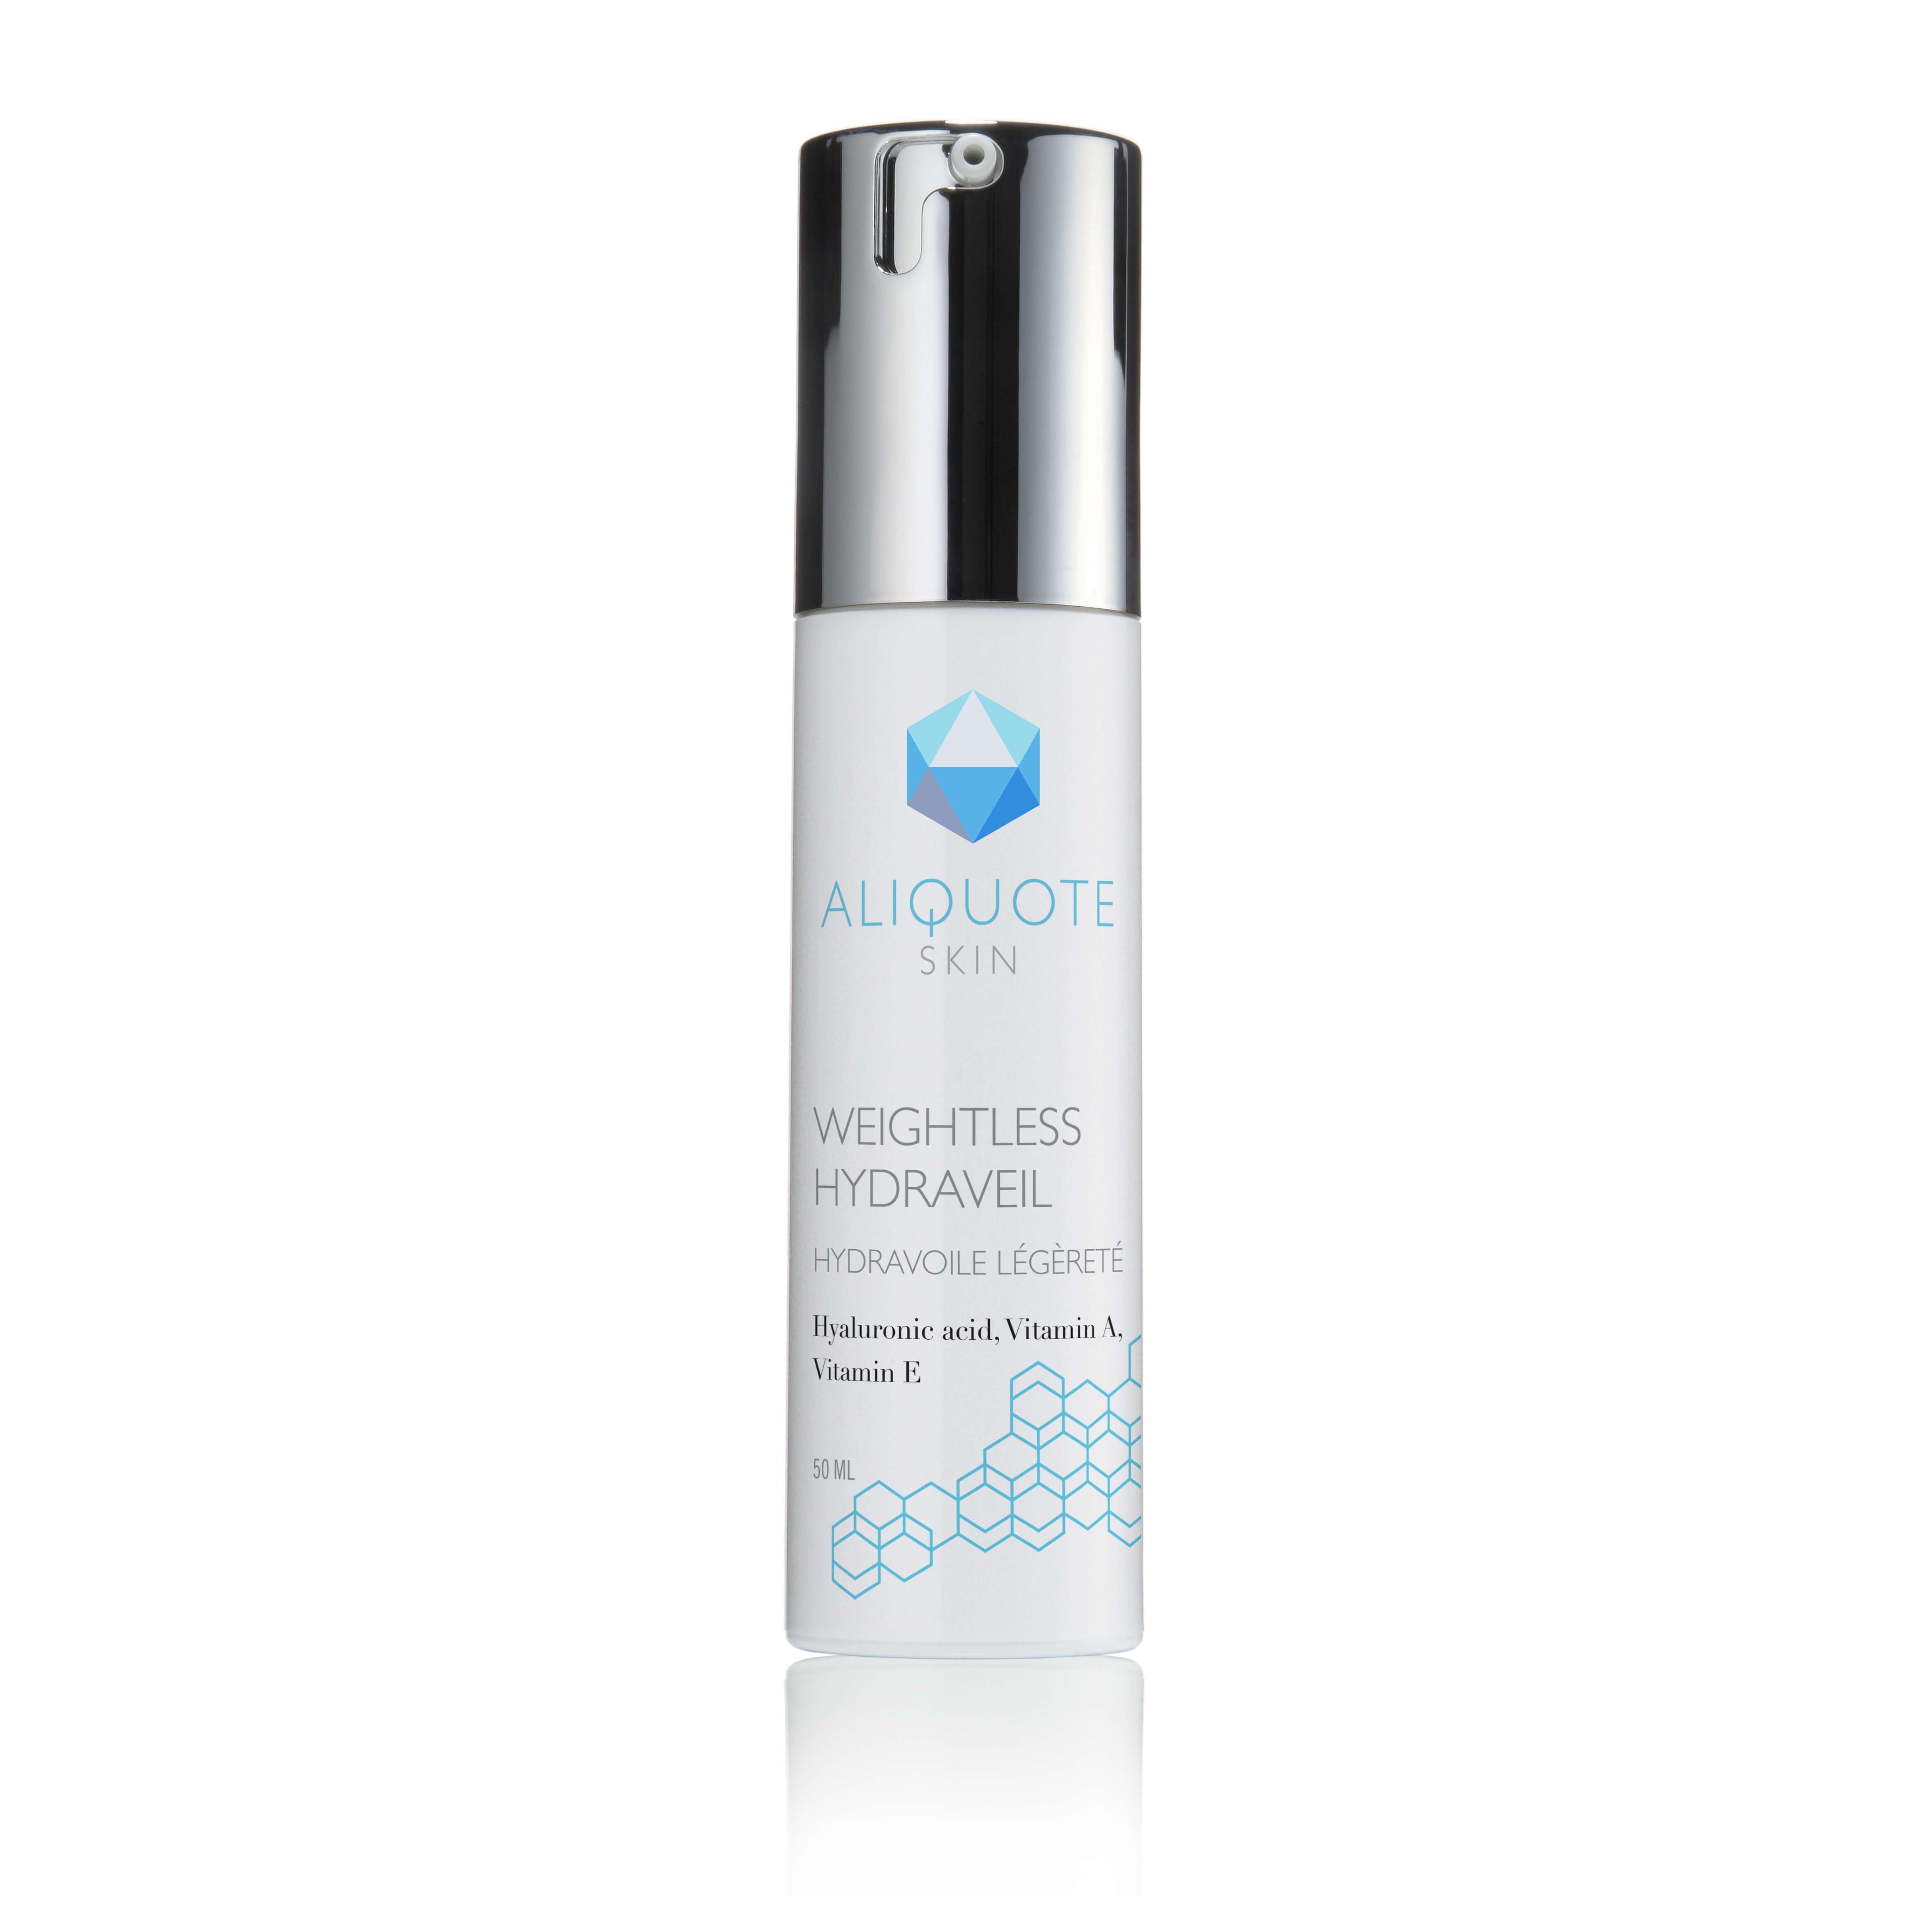 Aliquote Skin Weightless HydraVeil